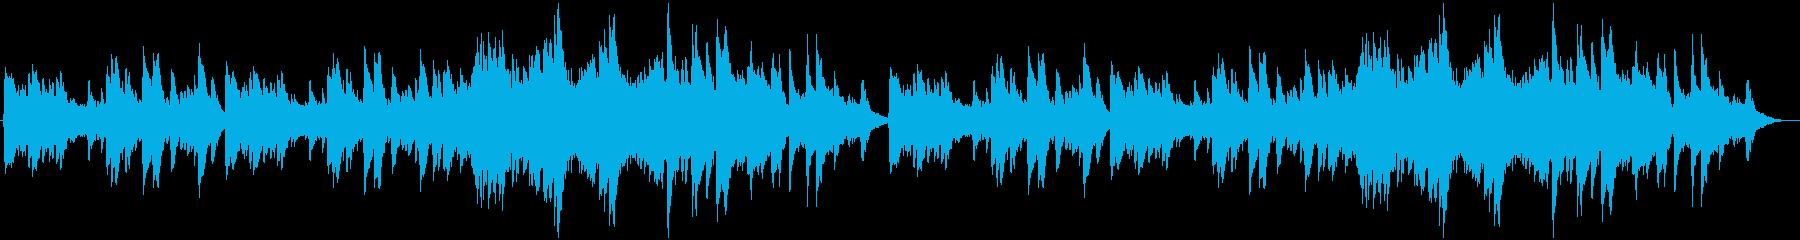 チェレスタの切ない小曲の再生済みの波形